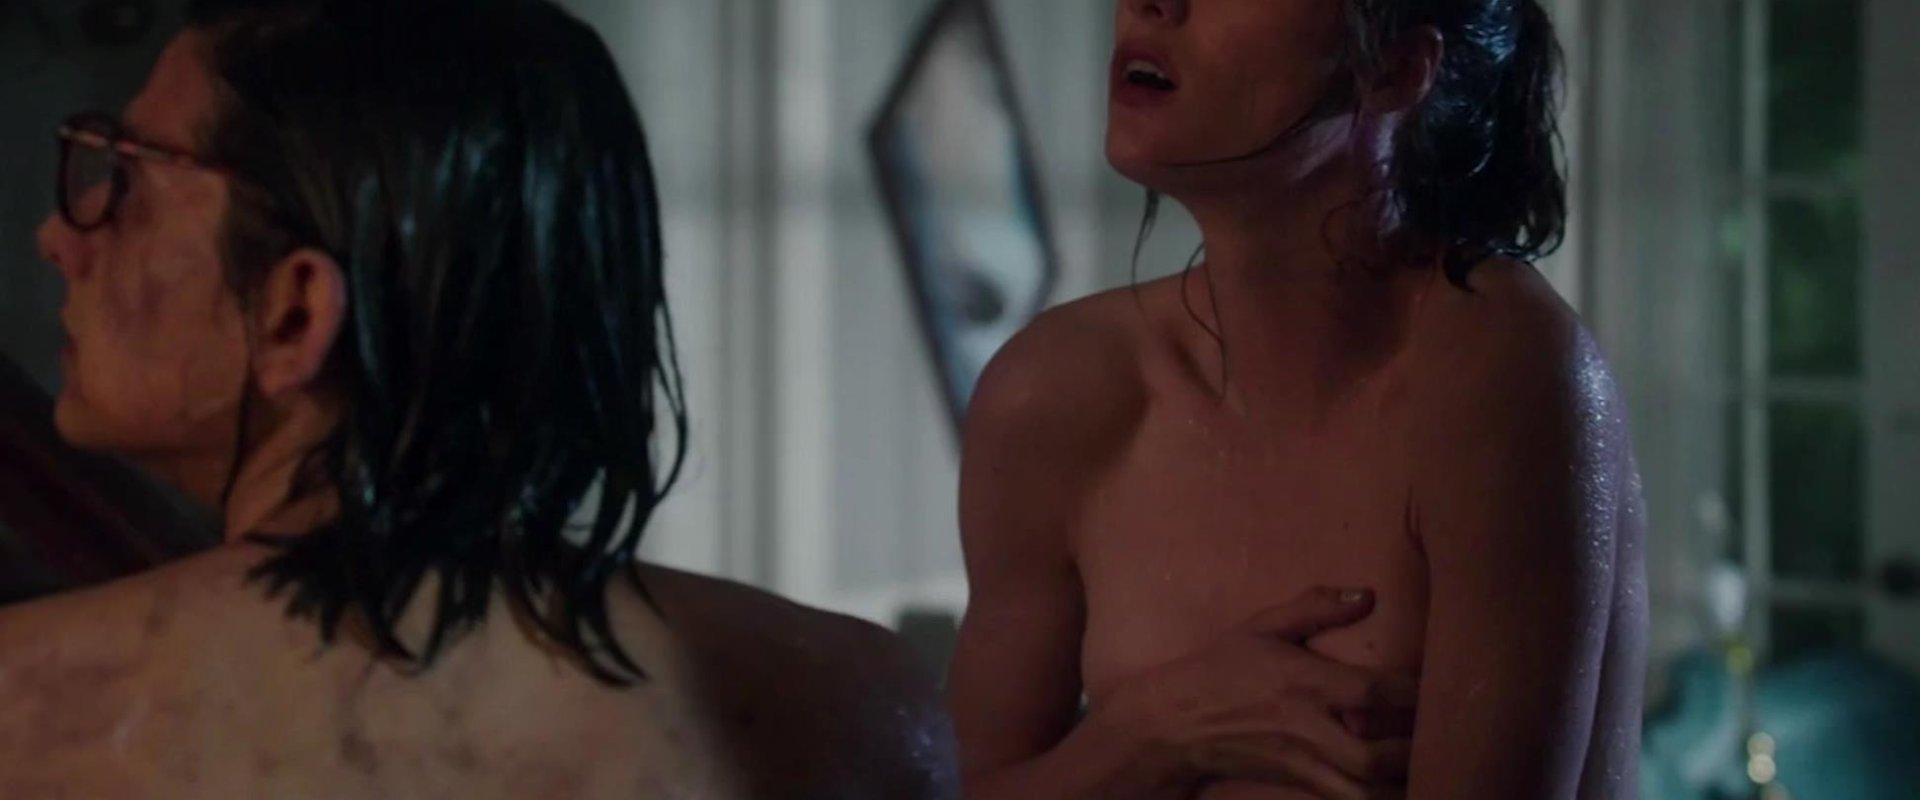 Mackenzie davis nude sexy